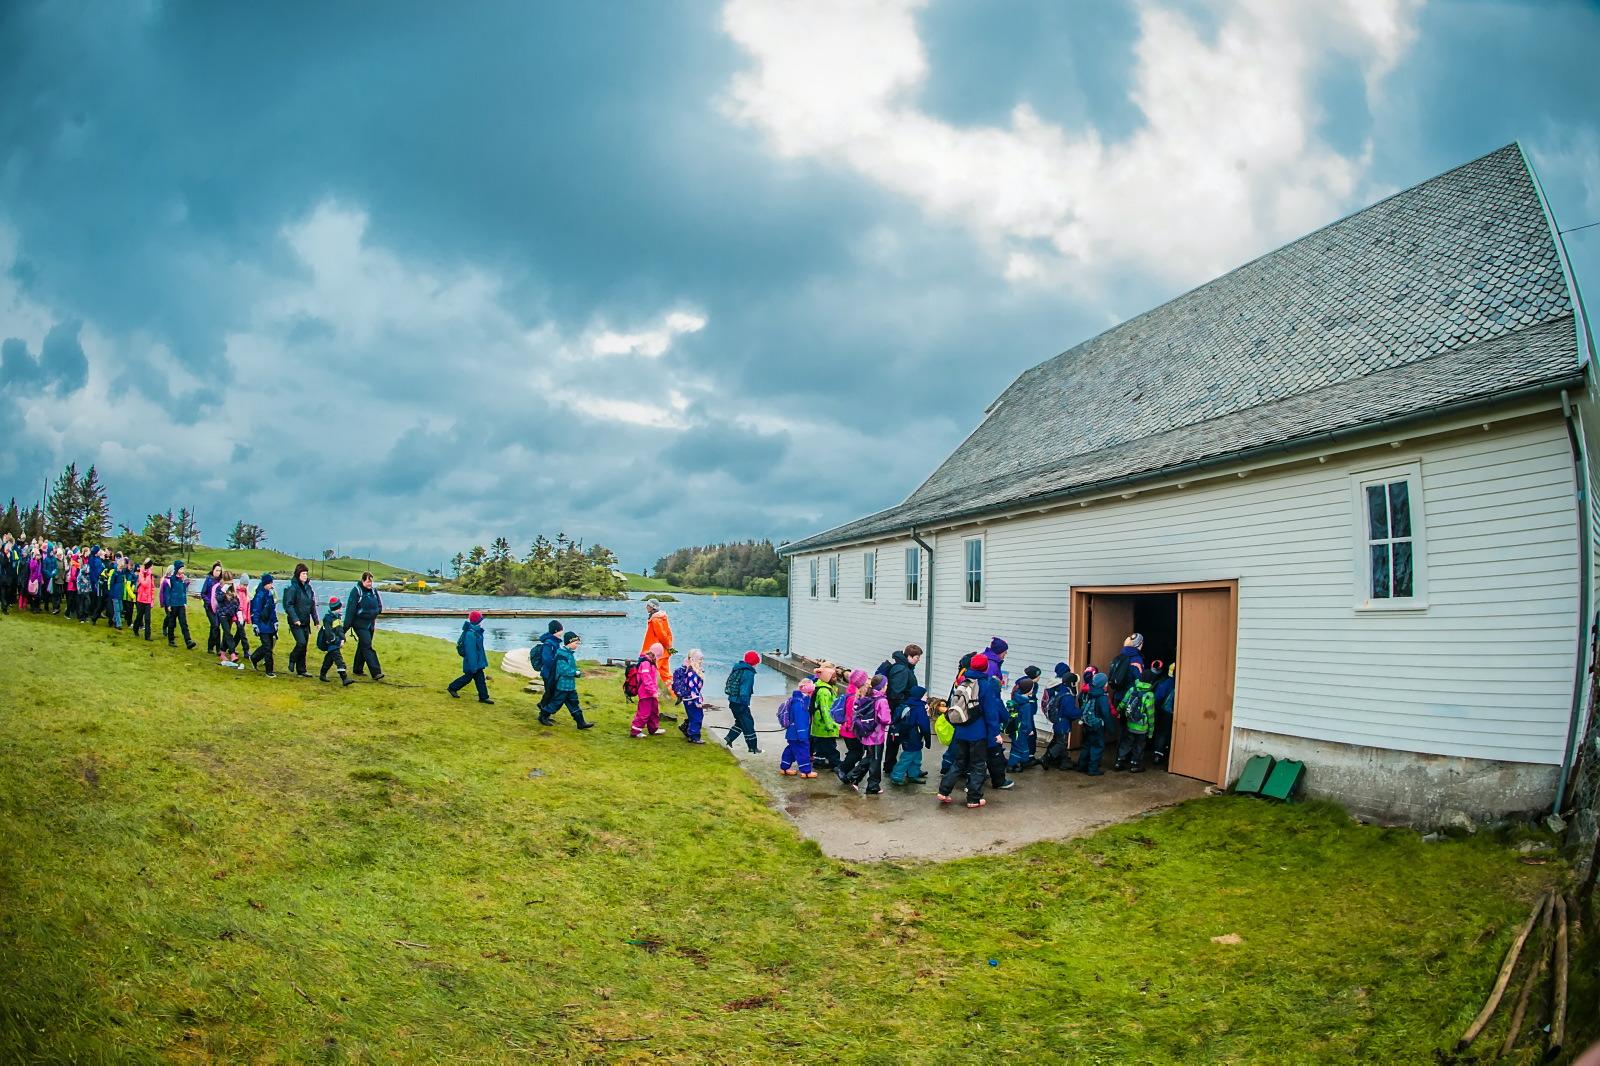 Fra RiksUltima, våren 2015. Foto: Lars Opstad, Rikskonsertene